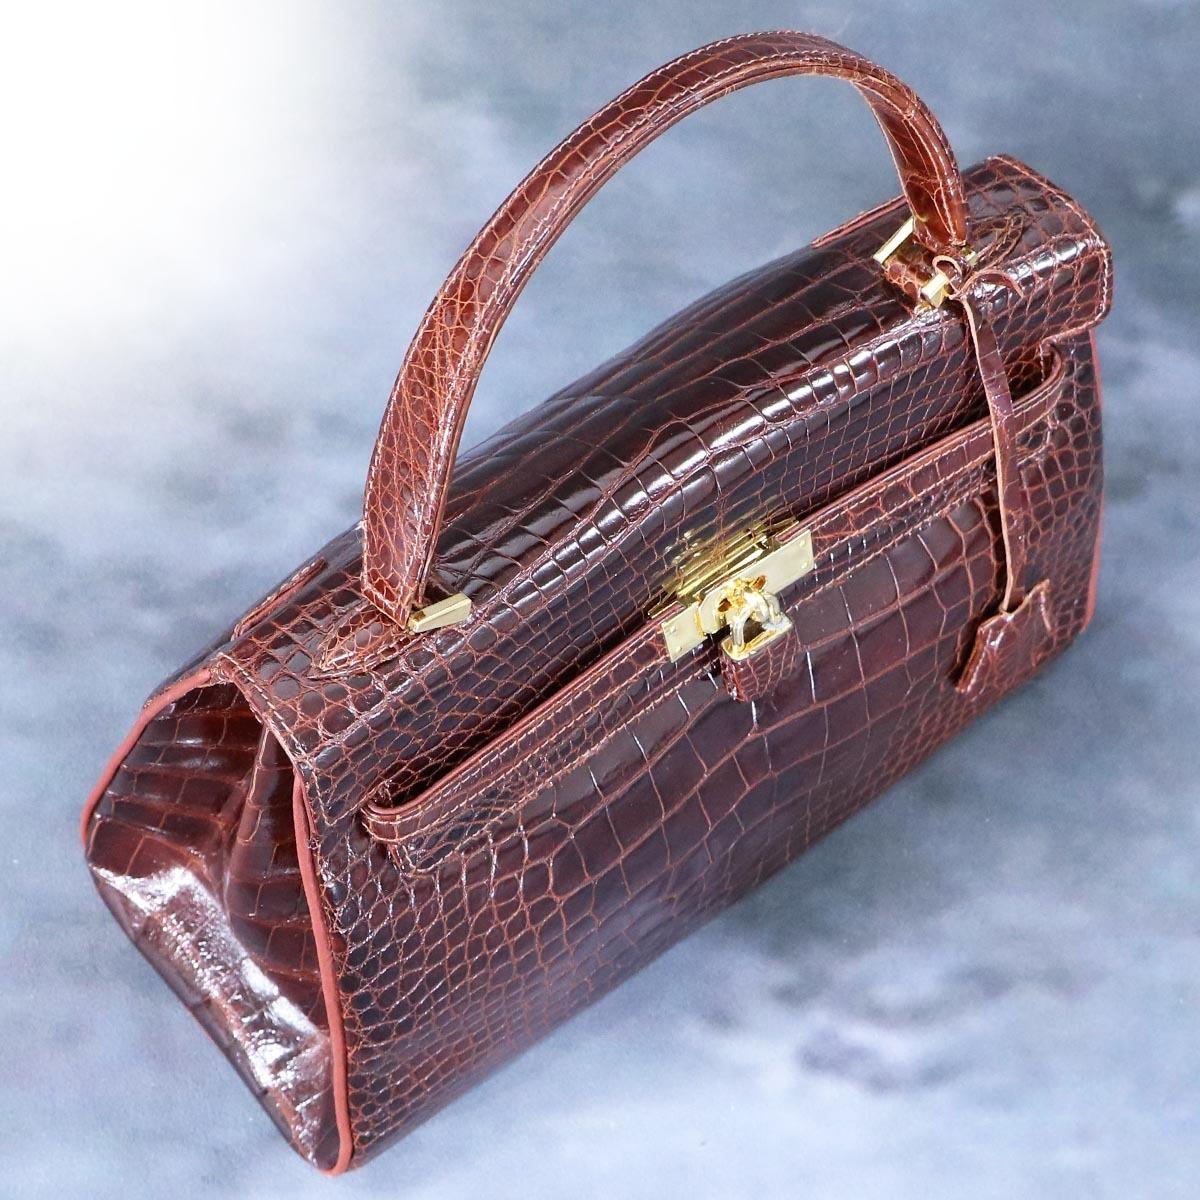 本物 超美品 最高級イタリア製 クロコダイルレザー 鍵付き ケリーバッグ ハンドバッグ 総ワニ革 クロコレザー トートバッグ_画像3